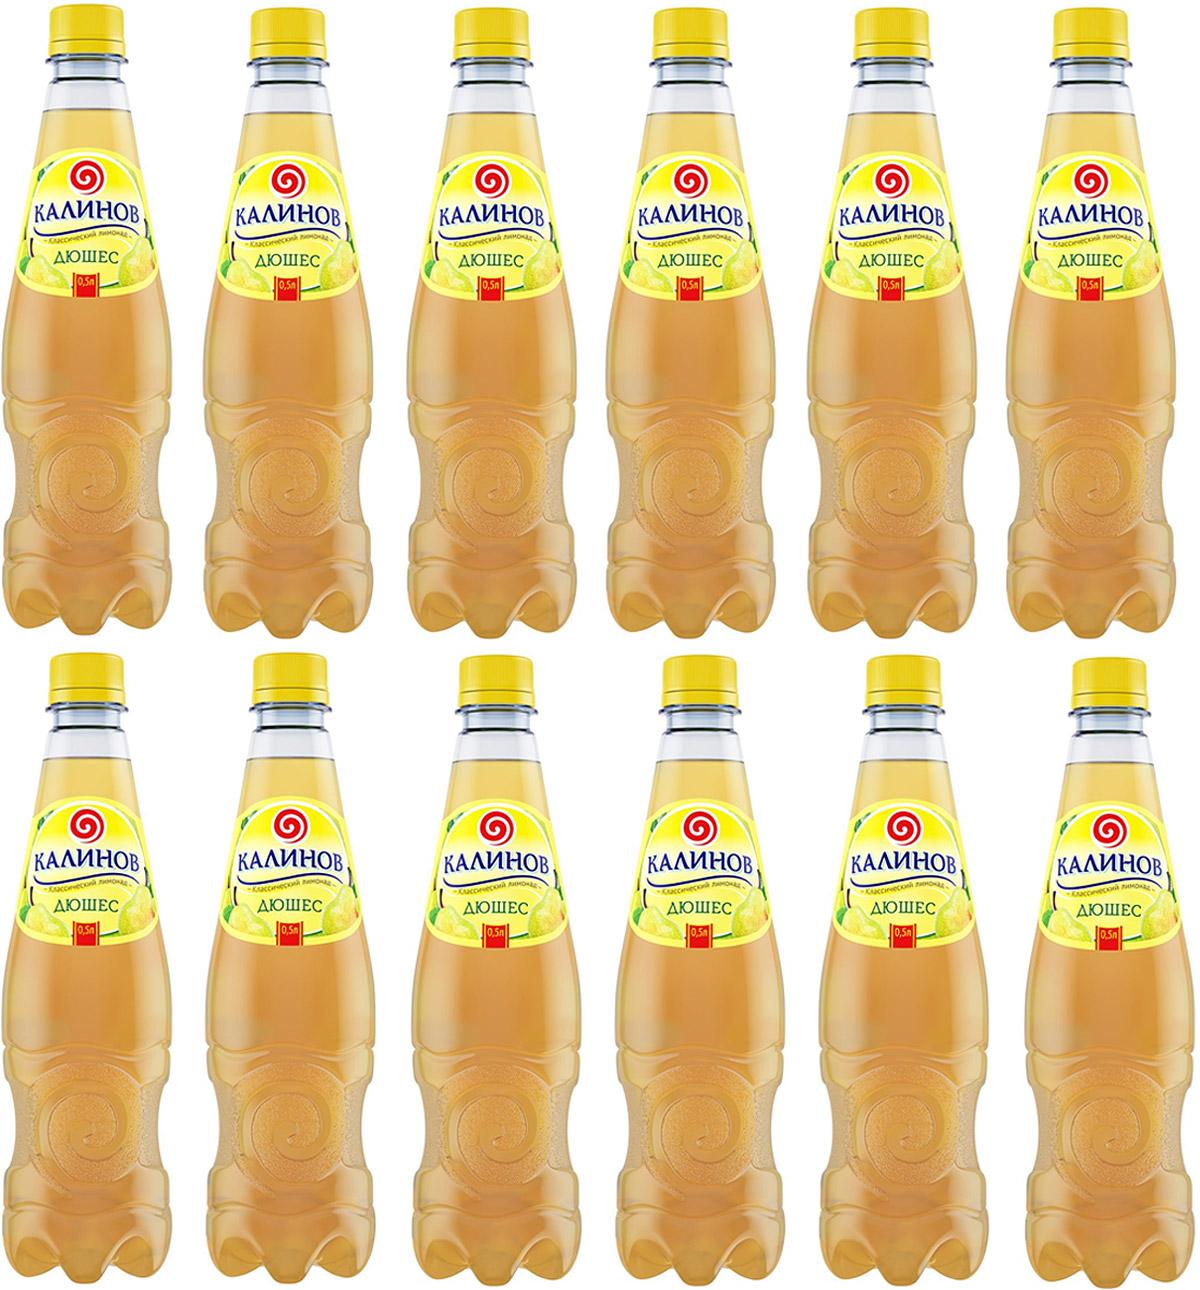 Калинов Лимонад Дюшес, 12 шт по 0,5 л0120710Классические лимонады на основе артезианской воды Калинов Родник производятся на высококачественном вкусо-ароматическом сырье и обладают ярко выраженными прохладительными свойствами. Для приготовления лимонадов Калинов используются классические рецептуры, соответствующие требованиям ГОСТа. Благодаря пониженному содержанию сахара все напитки серии являются низкокалорийными. Они производятся без применения цикламатов и сахарина, что значительно усиливает их диетические свойства.